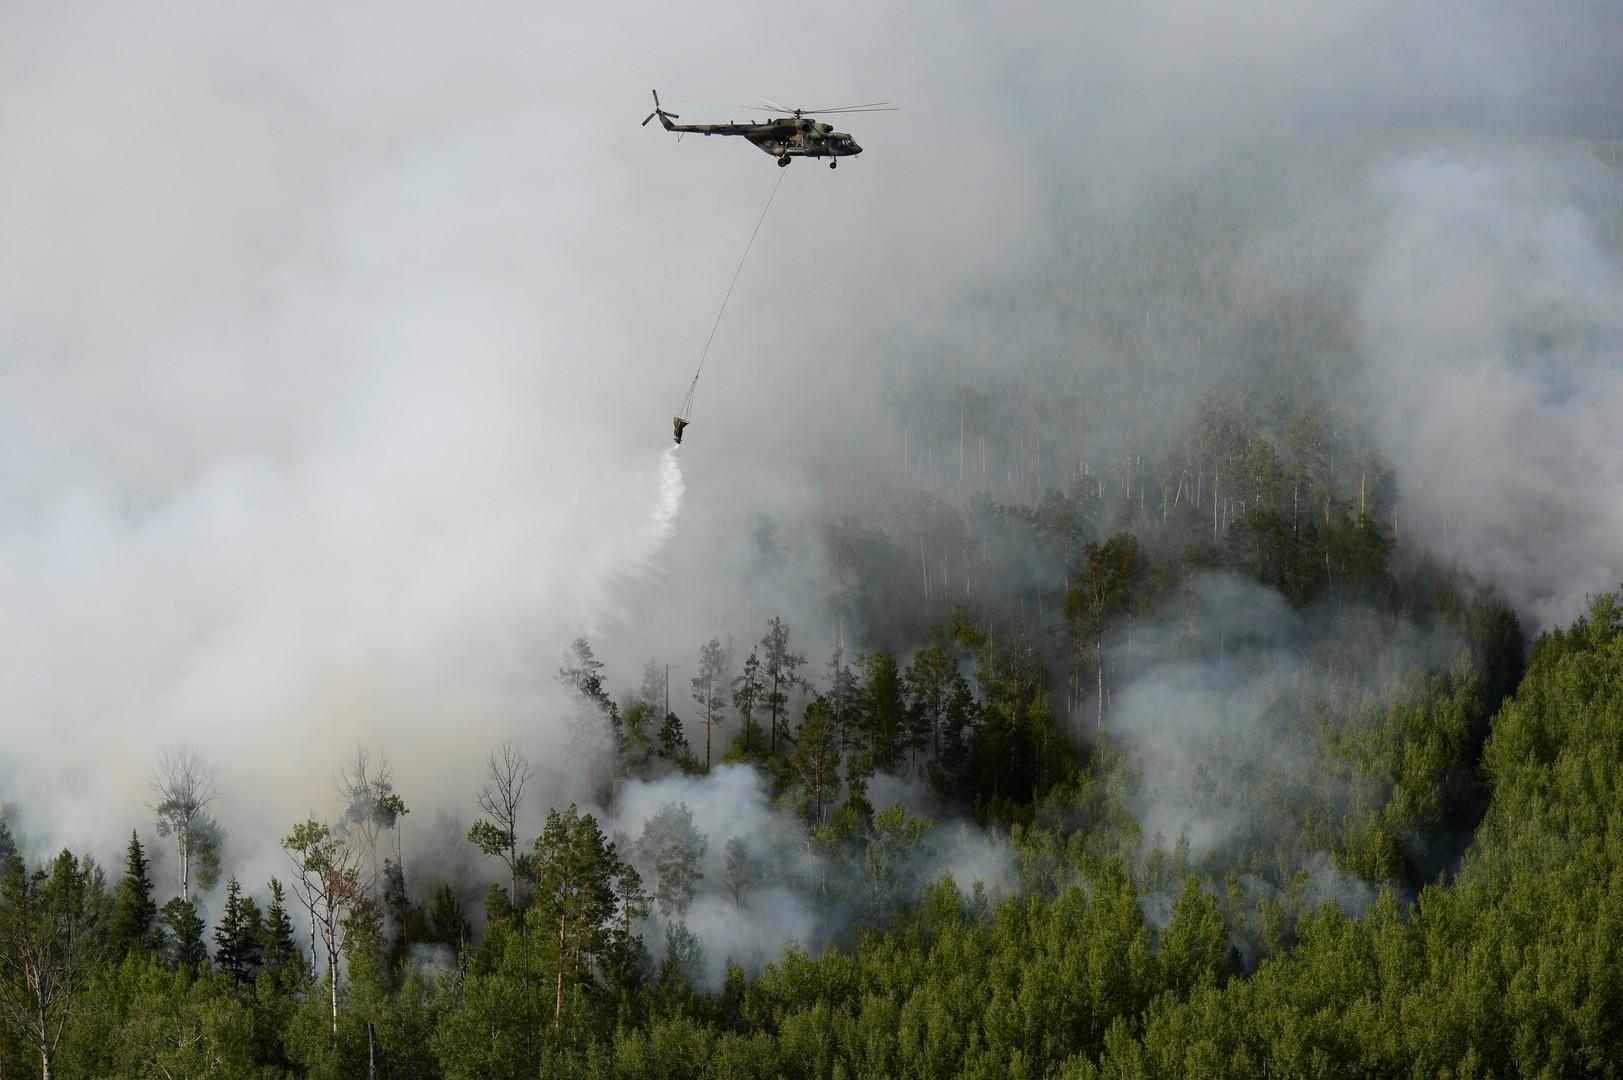 مكافحة حرائق الغابات في روسيا